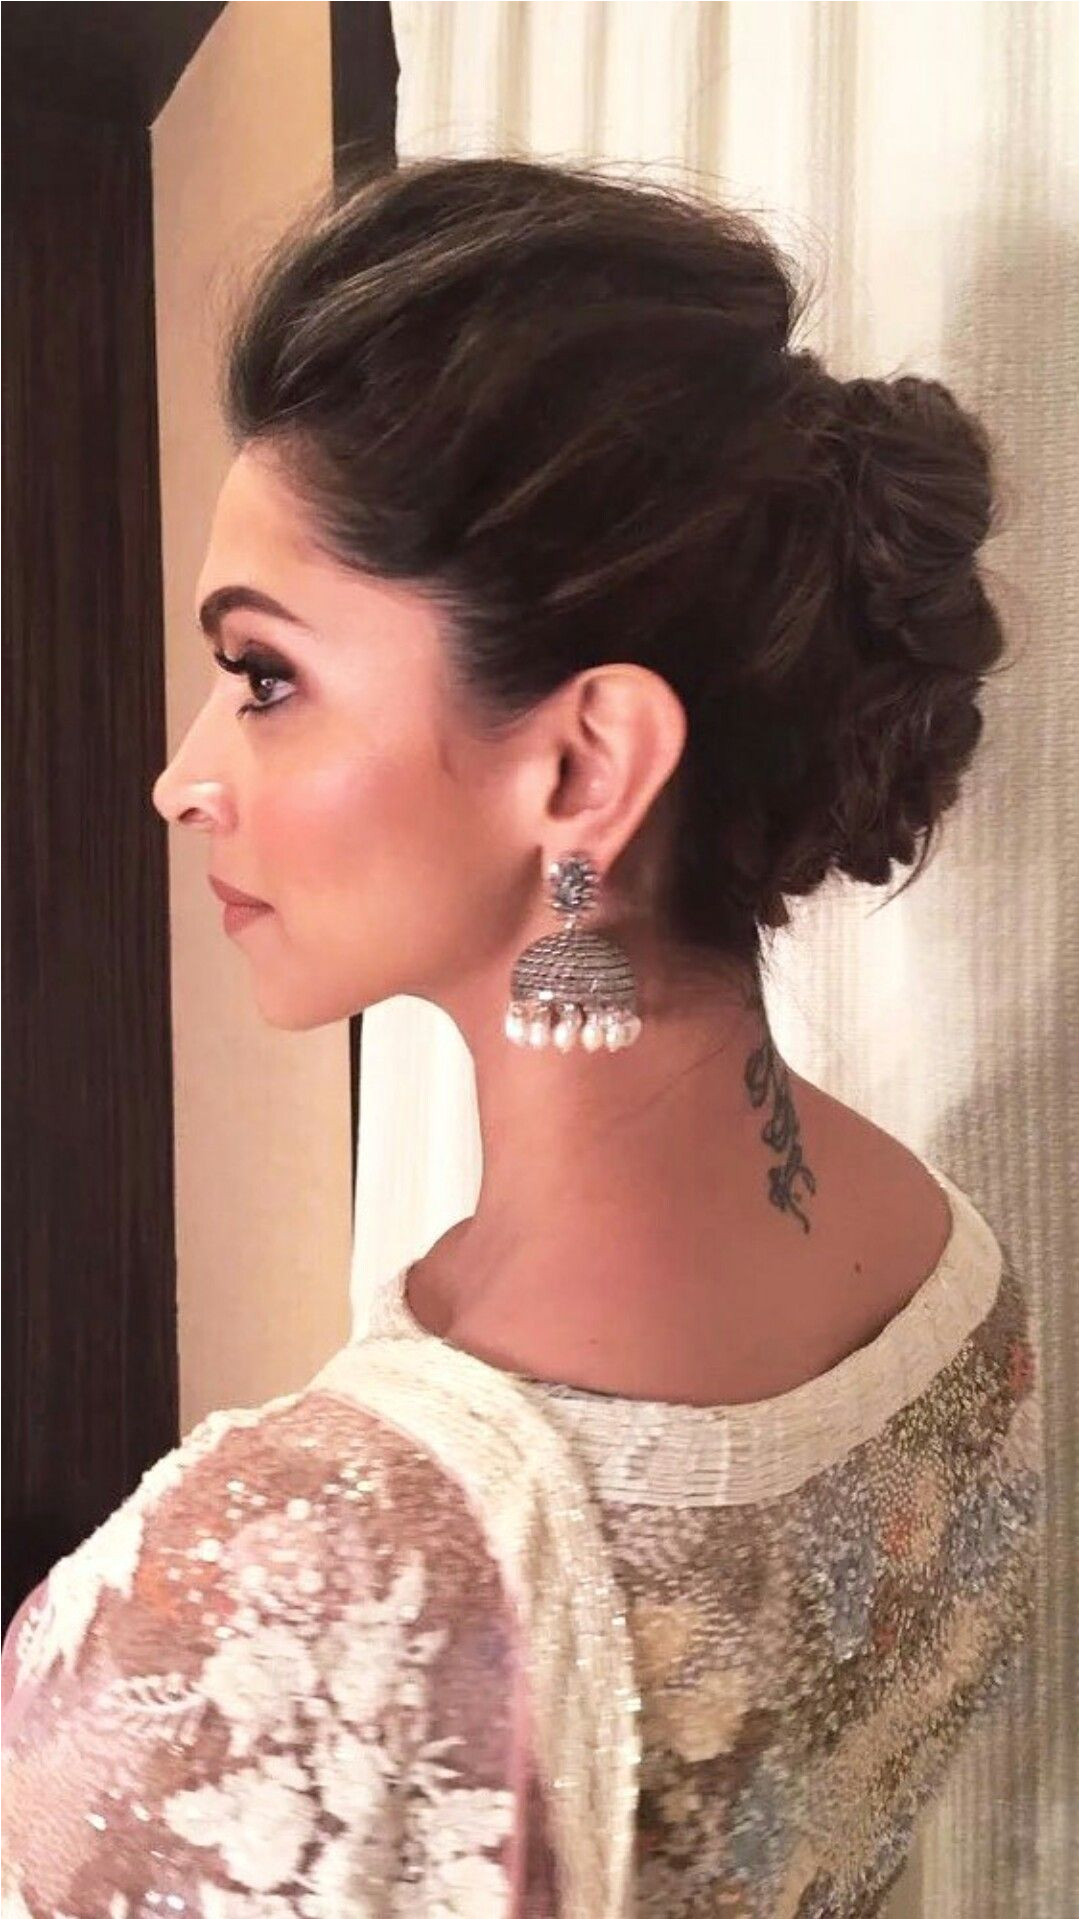 Deepika Hairstyles Indian Hairstyles Bride Hairstyles Hairstyle Ideas Easy Hairstyles Hair